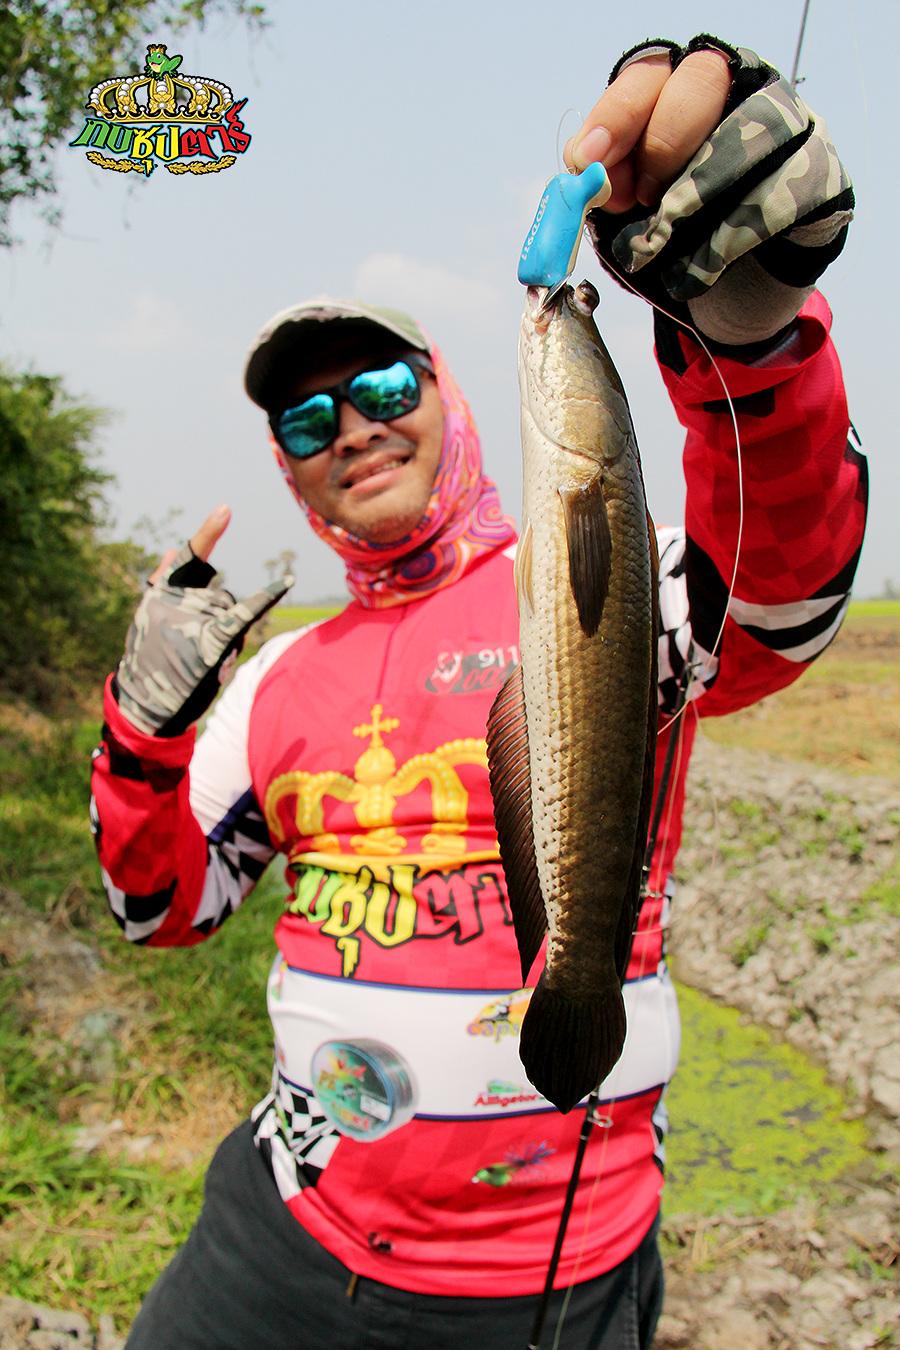 #เหยื่อที่จะเข้ามาเติมเต็มในการตกปลาที่สมบรูณ์แบบของคุณ